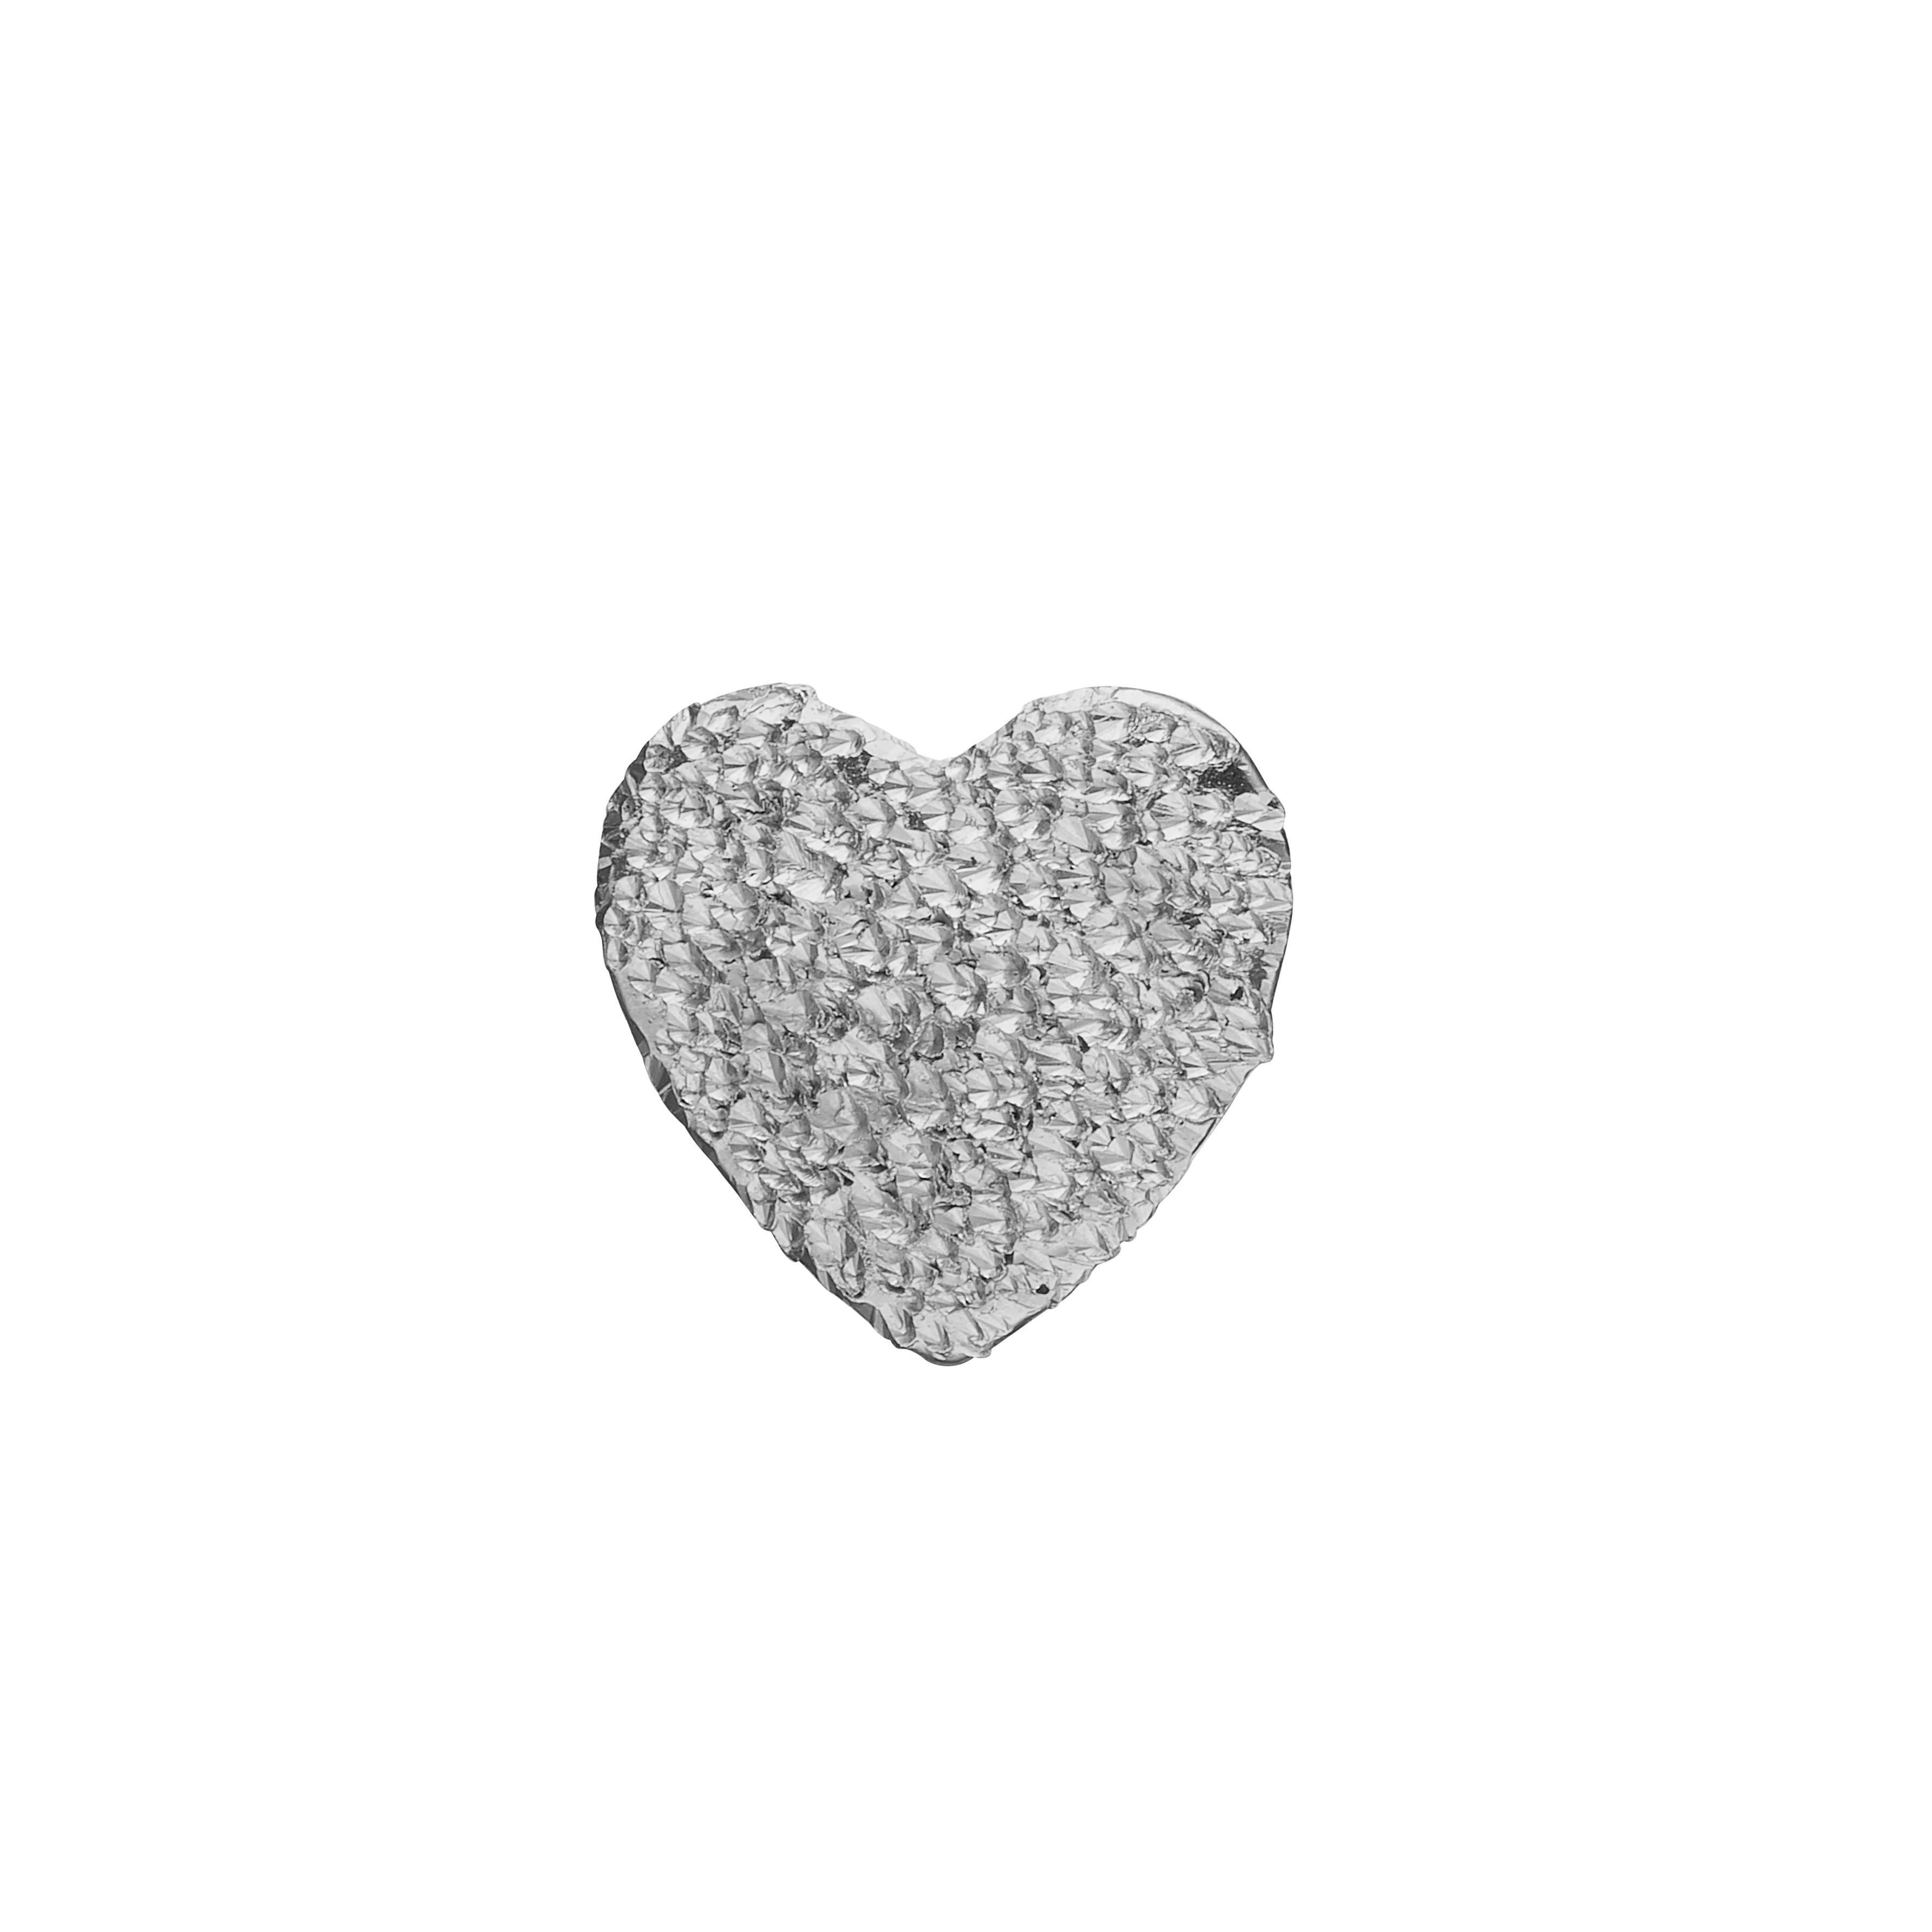 Billede af CHRISTINA Sparkling Hearts - 671-S08